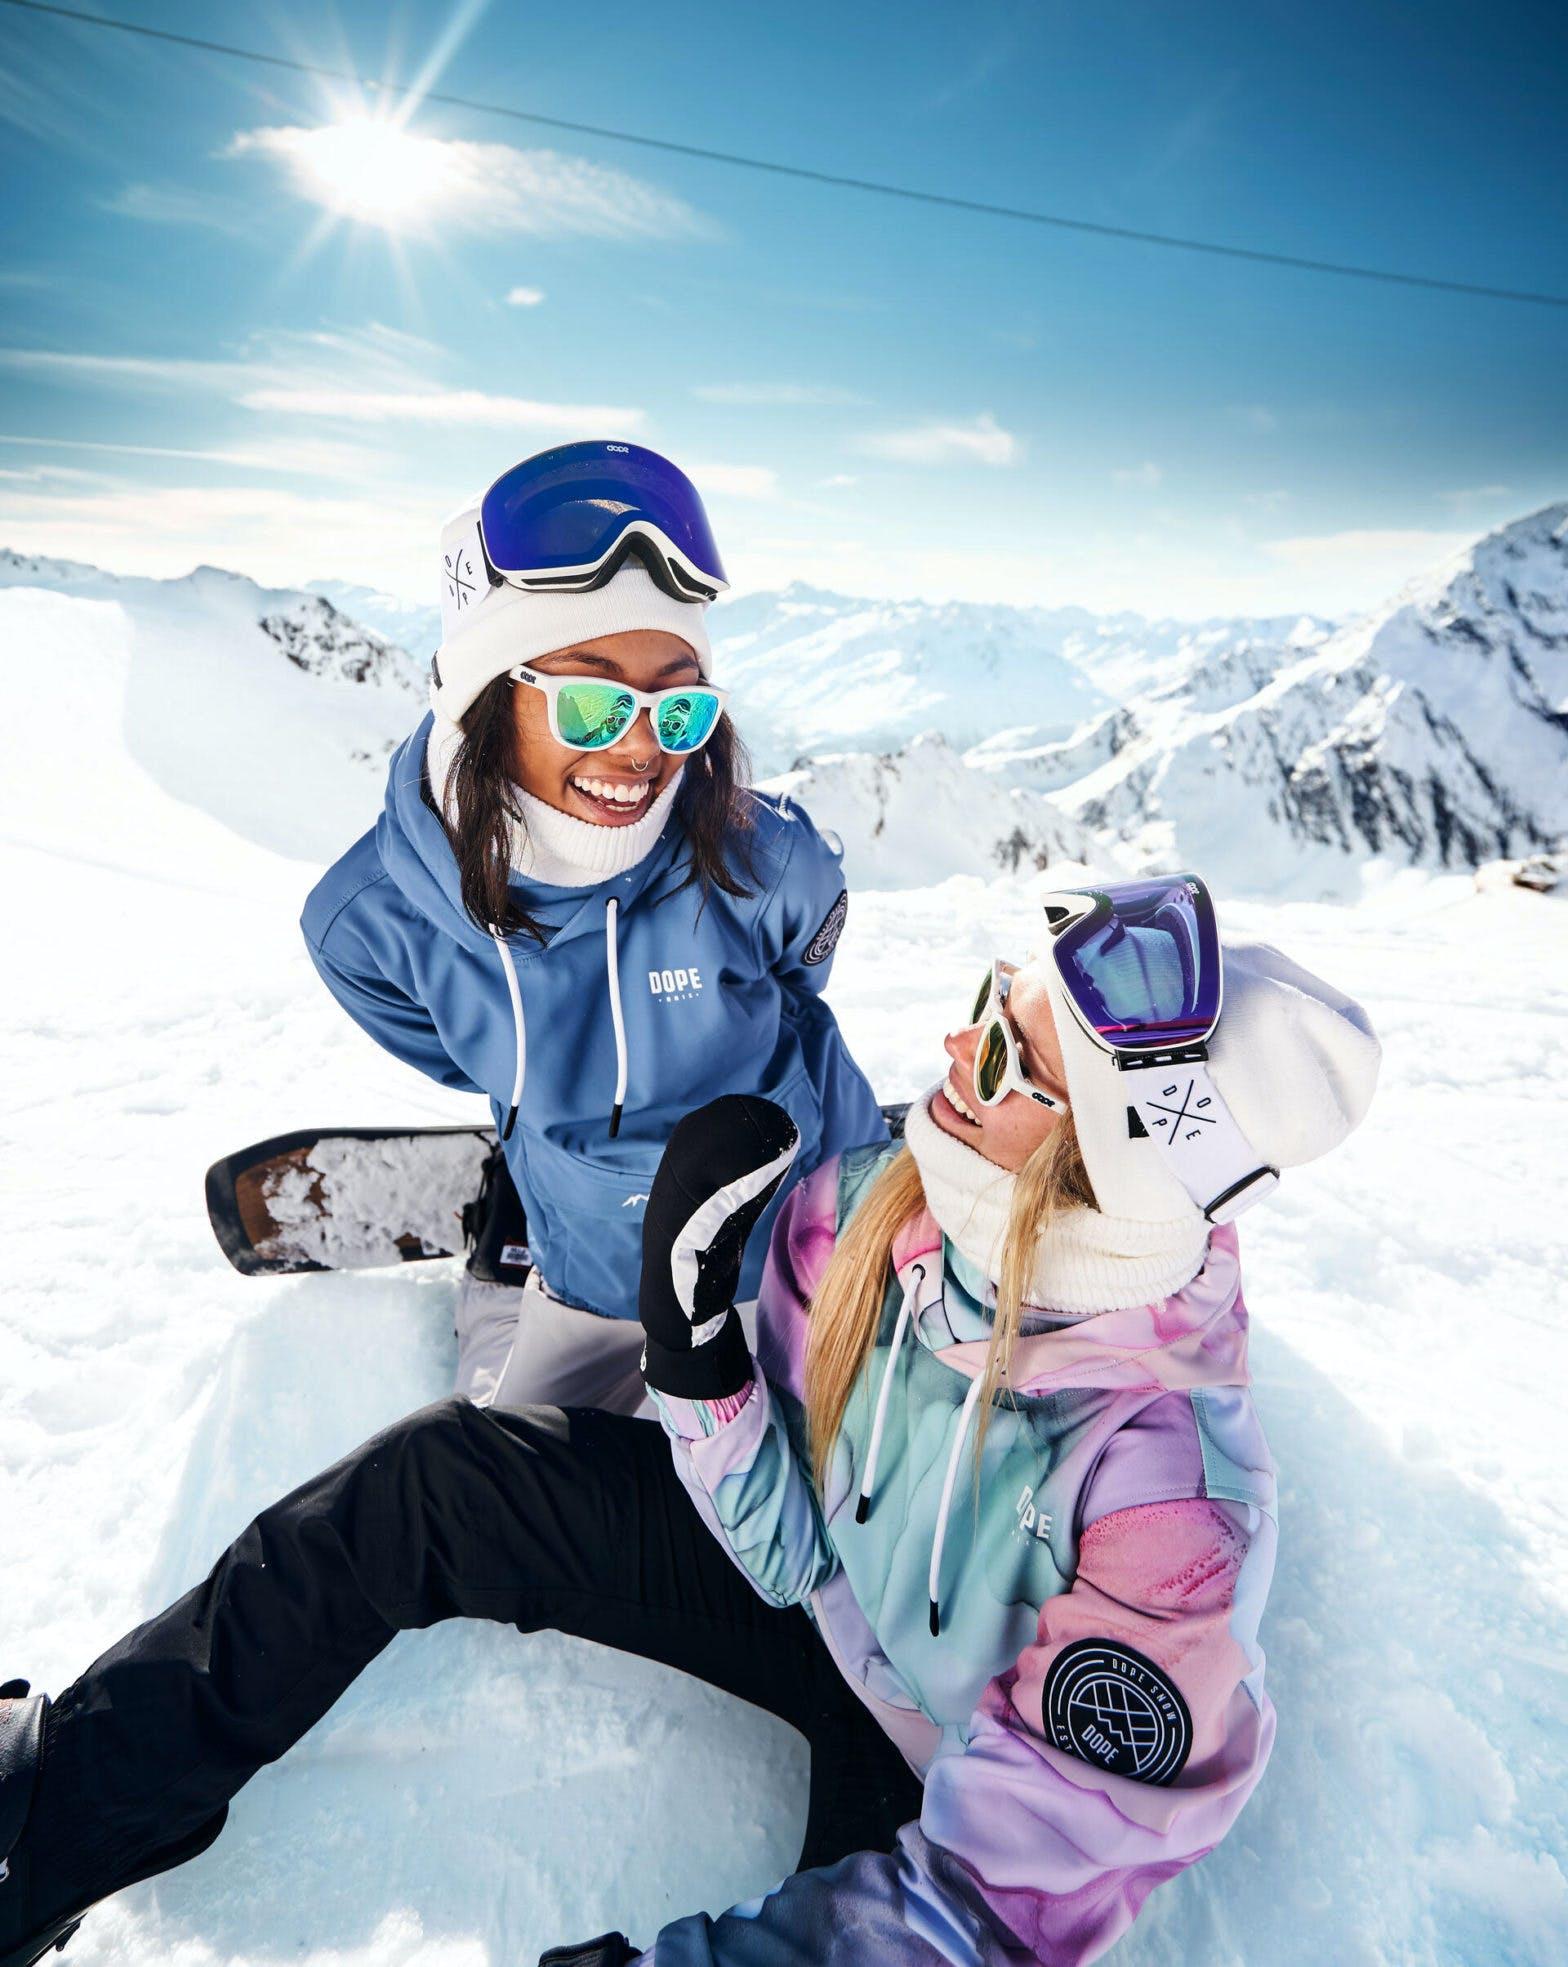 Åka skidor i april- 20 Bästa skidorterna i Europa under lågsäsong - Ridestore Magazine